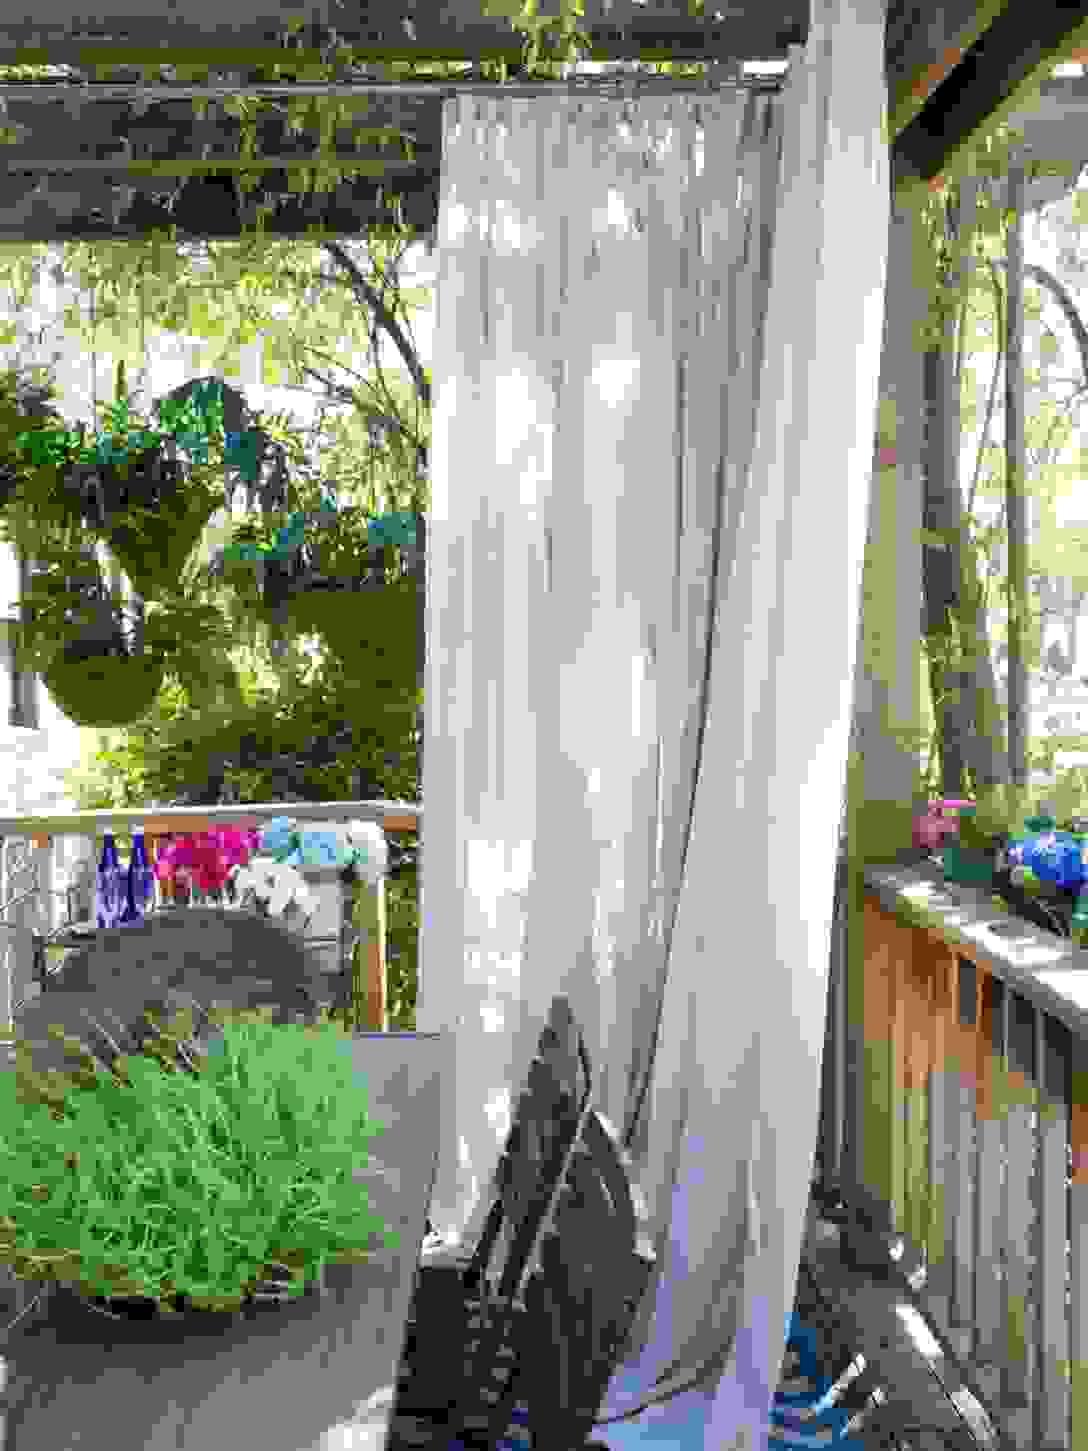 Backyard Privacy Ideas Ist Tolle Design Von Sichtschutz Balkon von Sichtschutz Balkon Selber Machen Bild